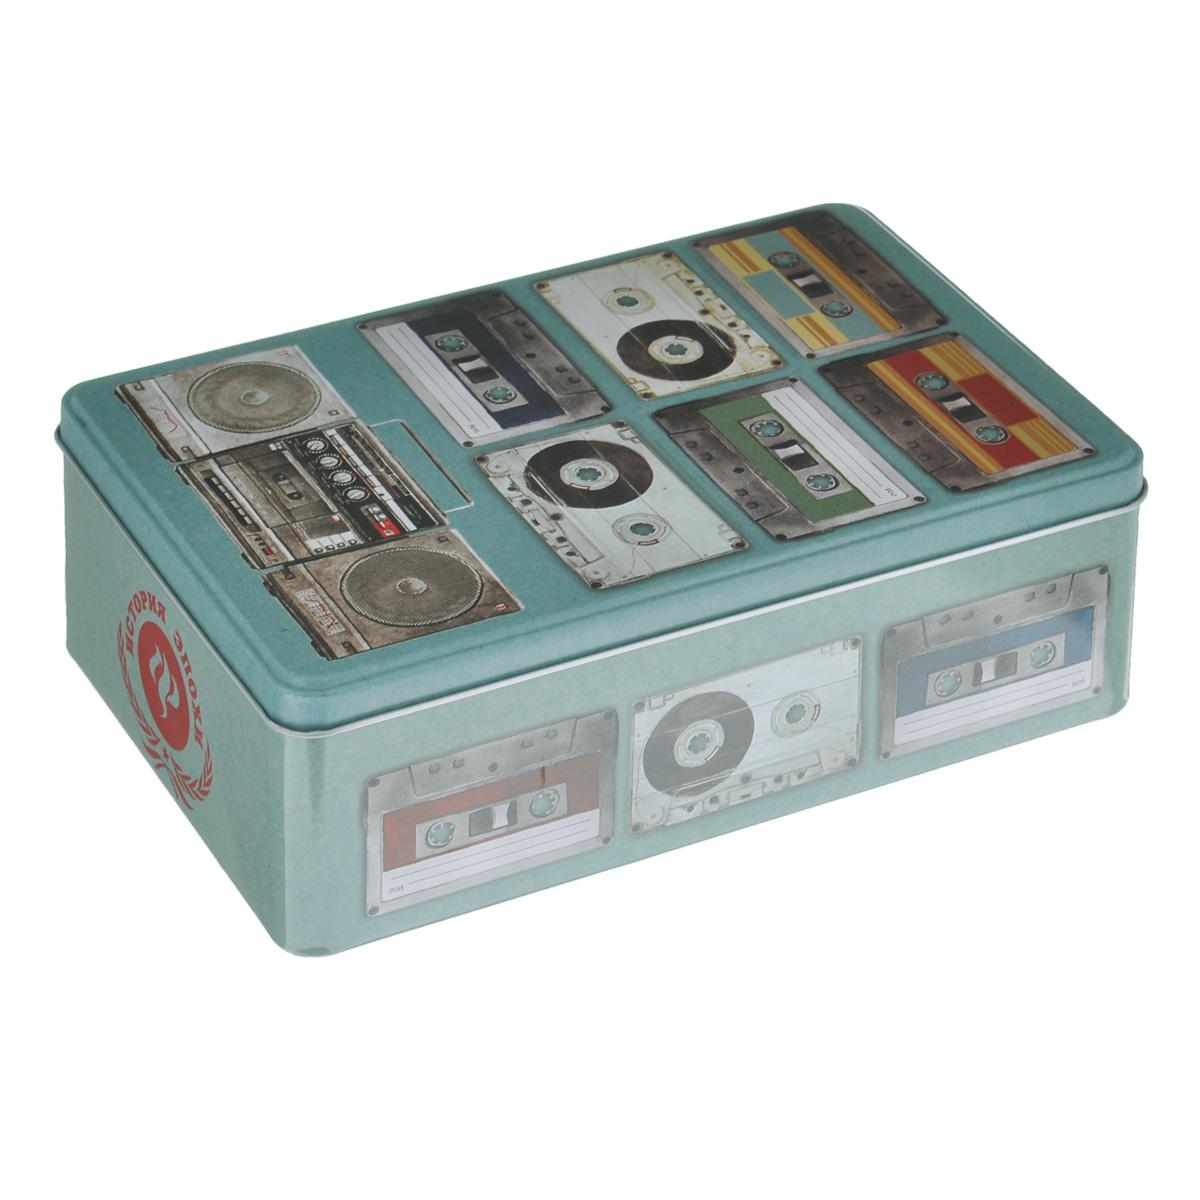 Коробка для хранения Феникс-презент Аудиокассеты, 20 х 13 х 6,5 см10503Коробка для хранения Феникс-презент Аудиокассеты, выполненная из металла, декорирована изображением различных аудиокассет. Внутри коробки имеется одно вместительное отделение. Крышка изделия открывается с помощью откидного механизма.Коробка для хранения Феникс-презент Аудиокассеты станет оригинальным украшением интерьера и позволит хранить украшения, бижутерию, а также предметы шитья или рукоделия.